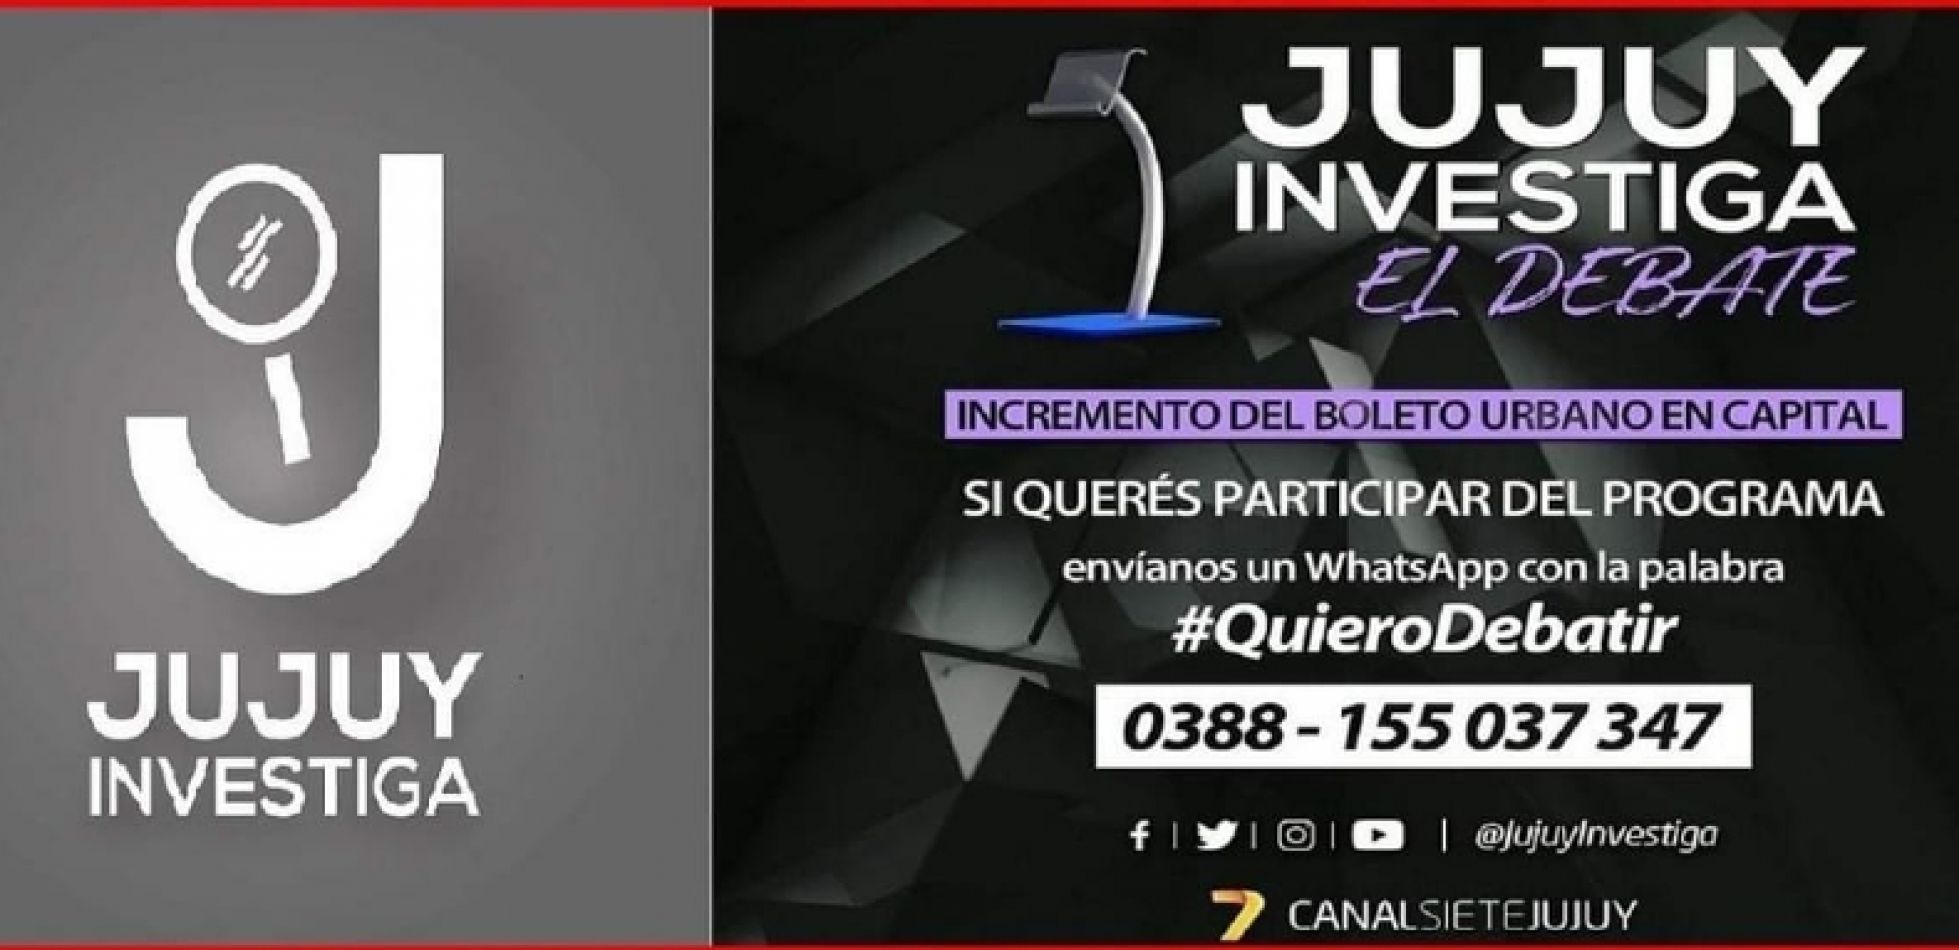 Promoción del programa Jujuy Investiga de Canal 7